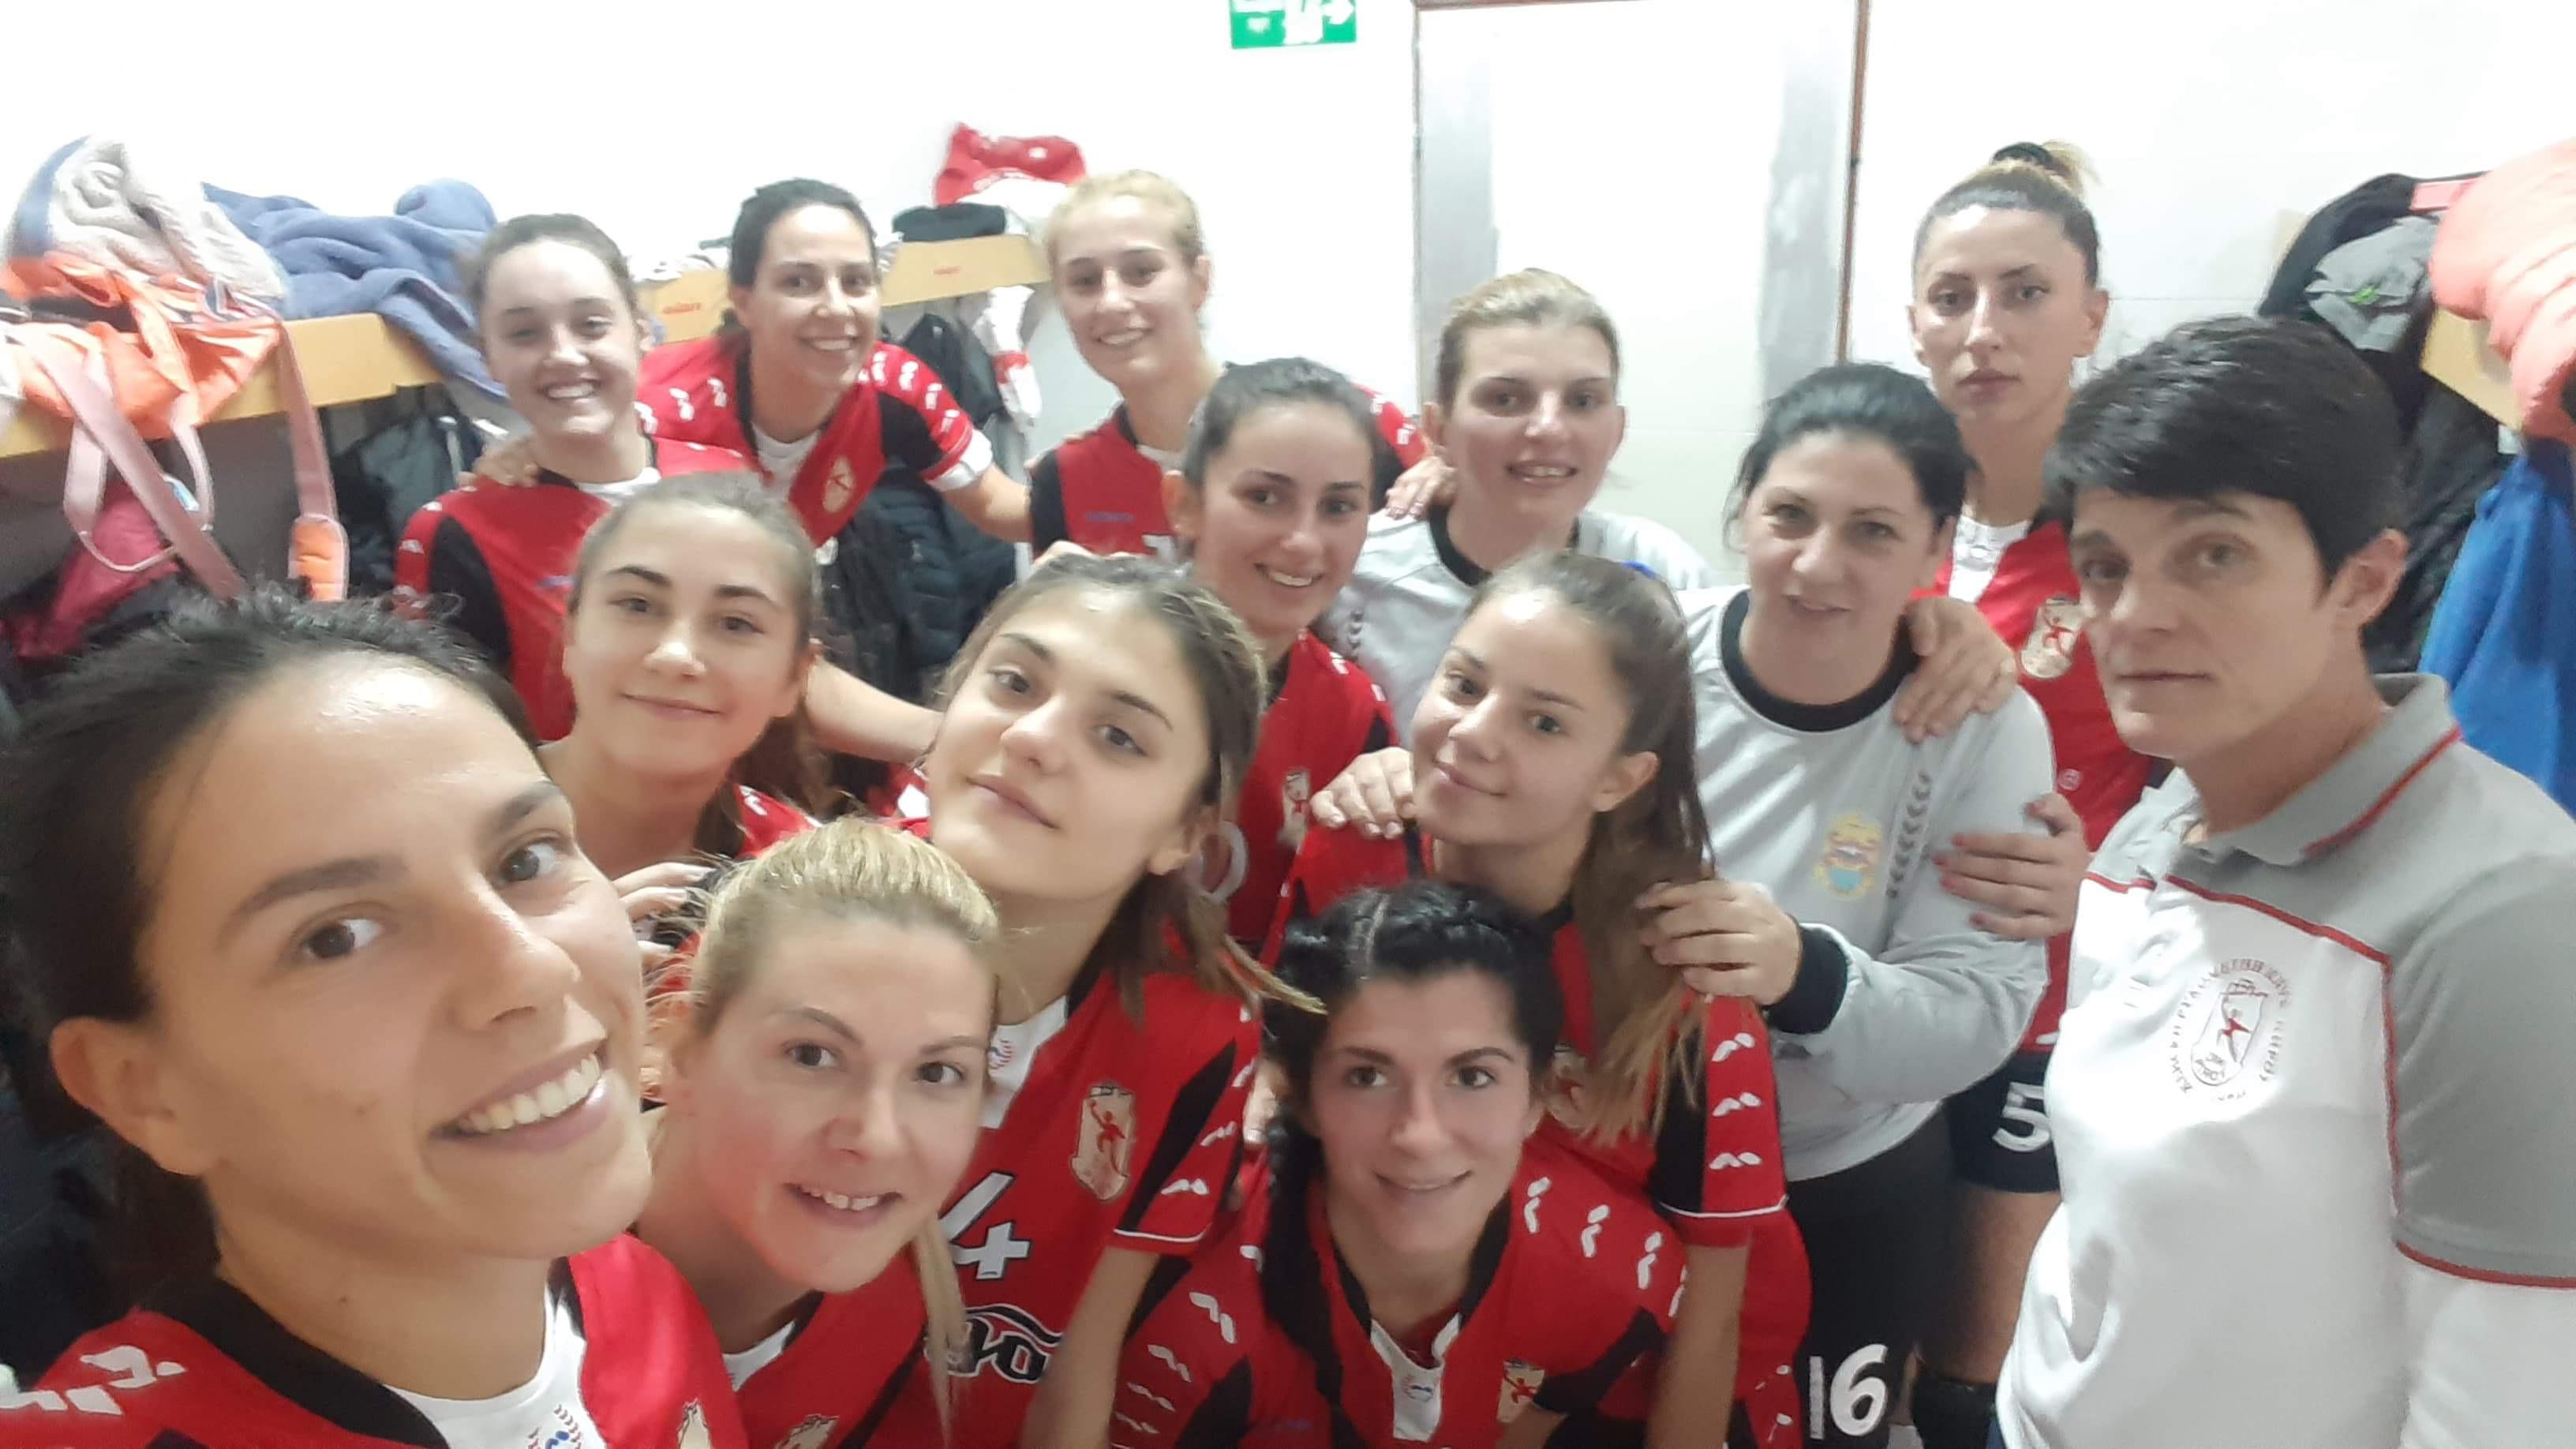 Photo of Rukometašice slavile protiv ekipe Svilajnca. Oproštajna utakmica za Iku Ćirić koja karijeru nastavlja u Izraelu